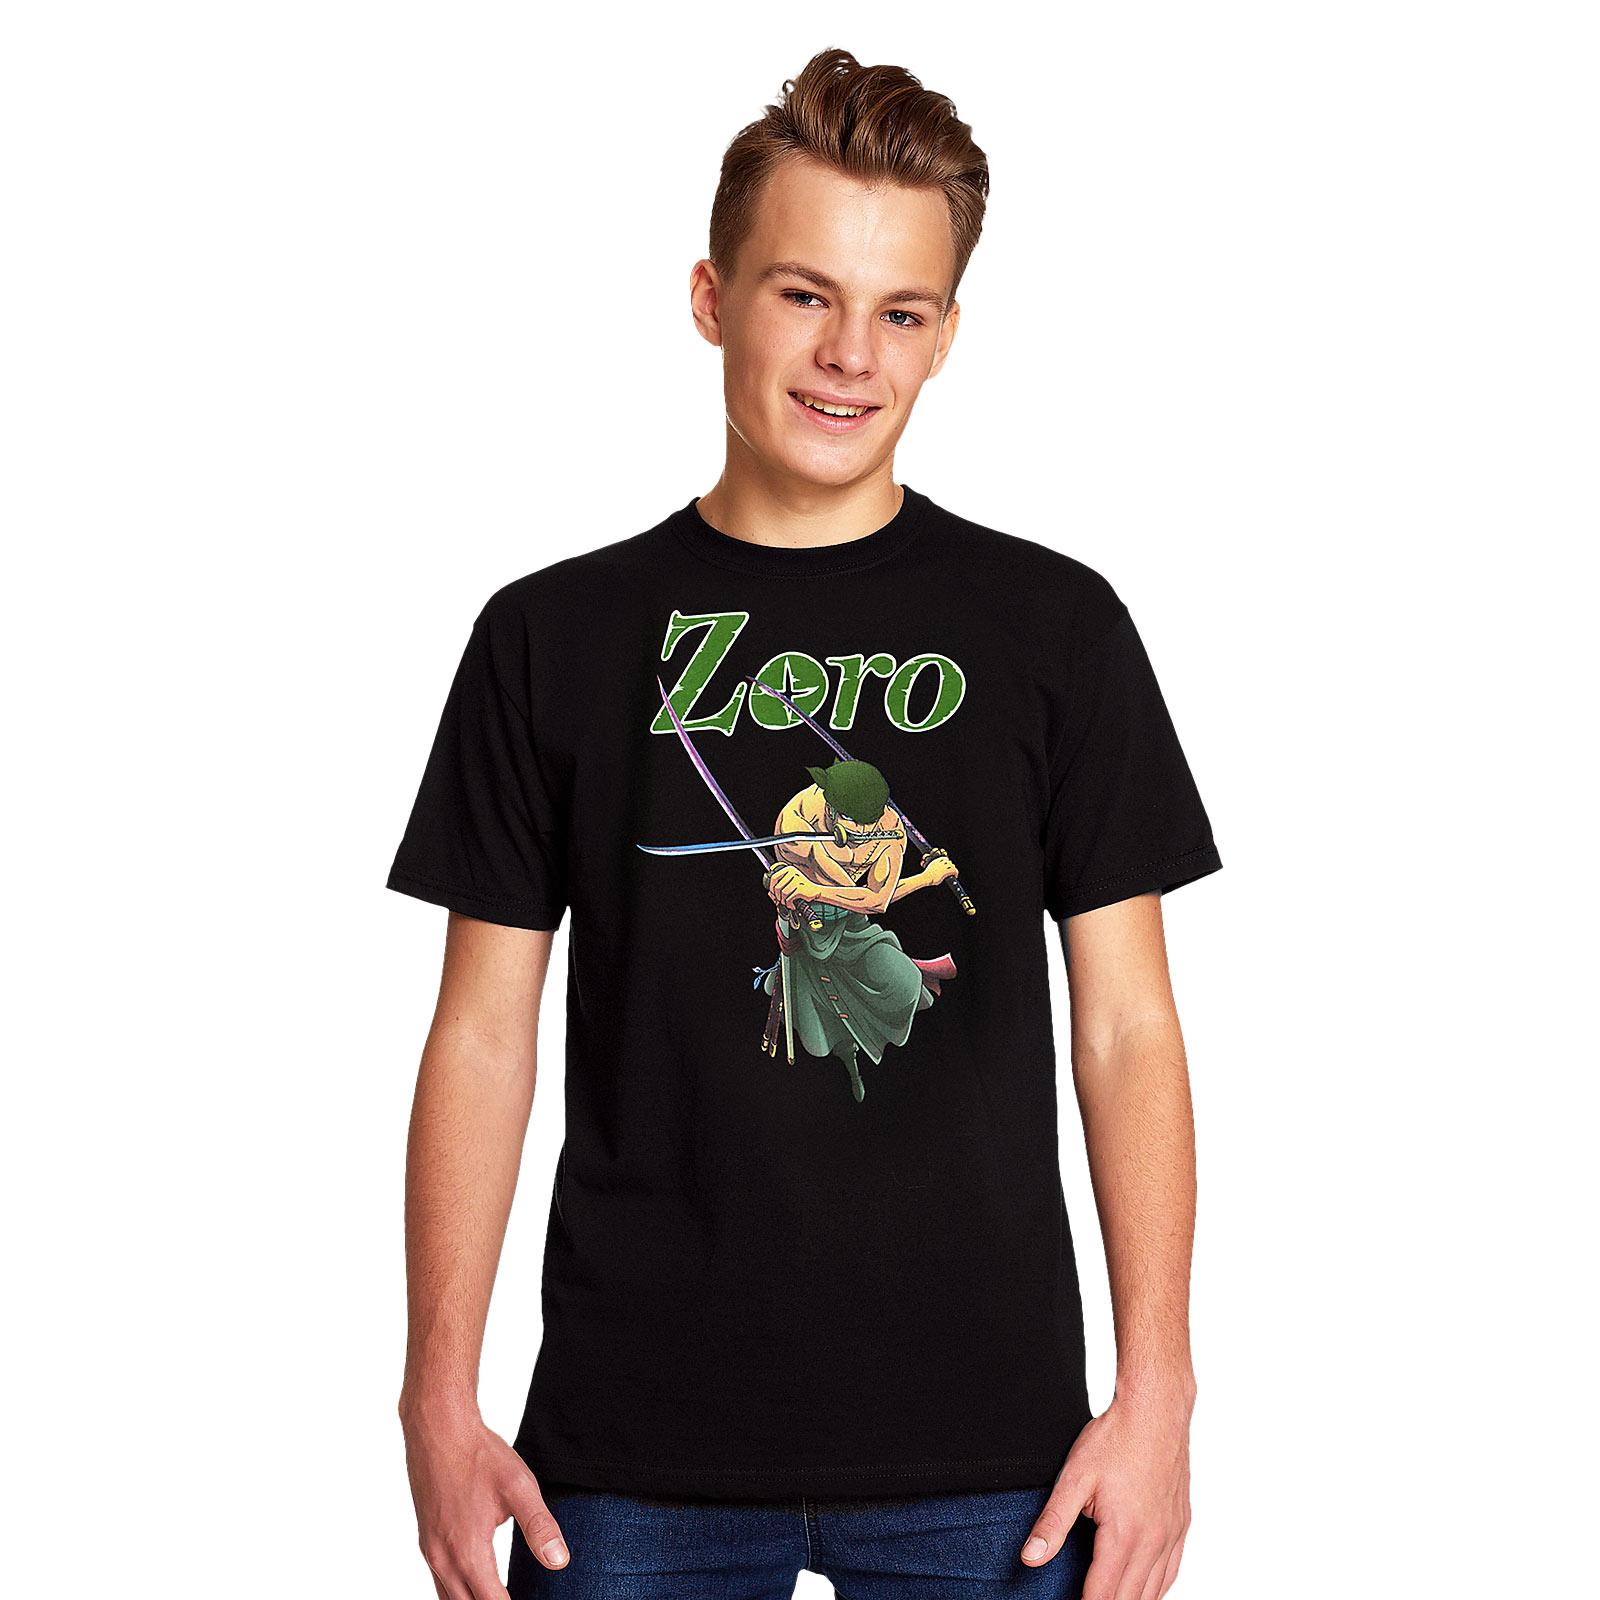 One Piece - Zoro T-Shirt schwarz